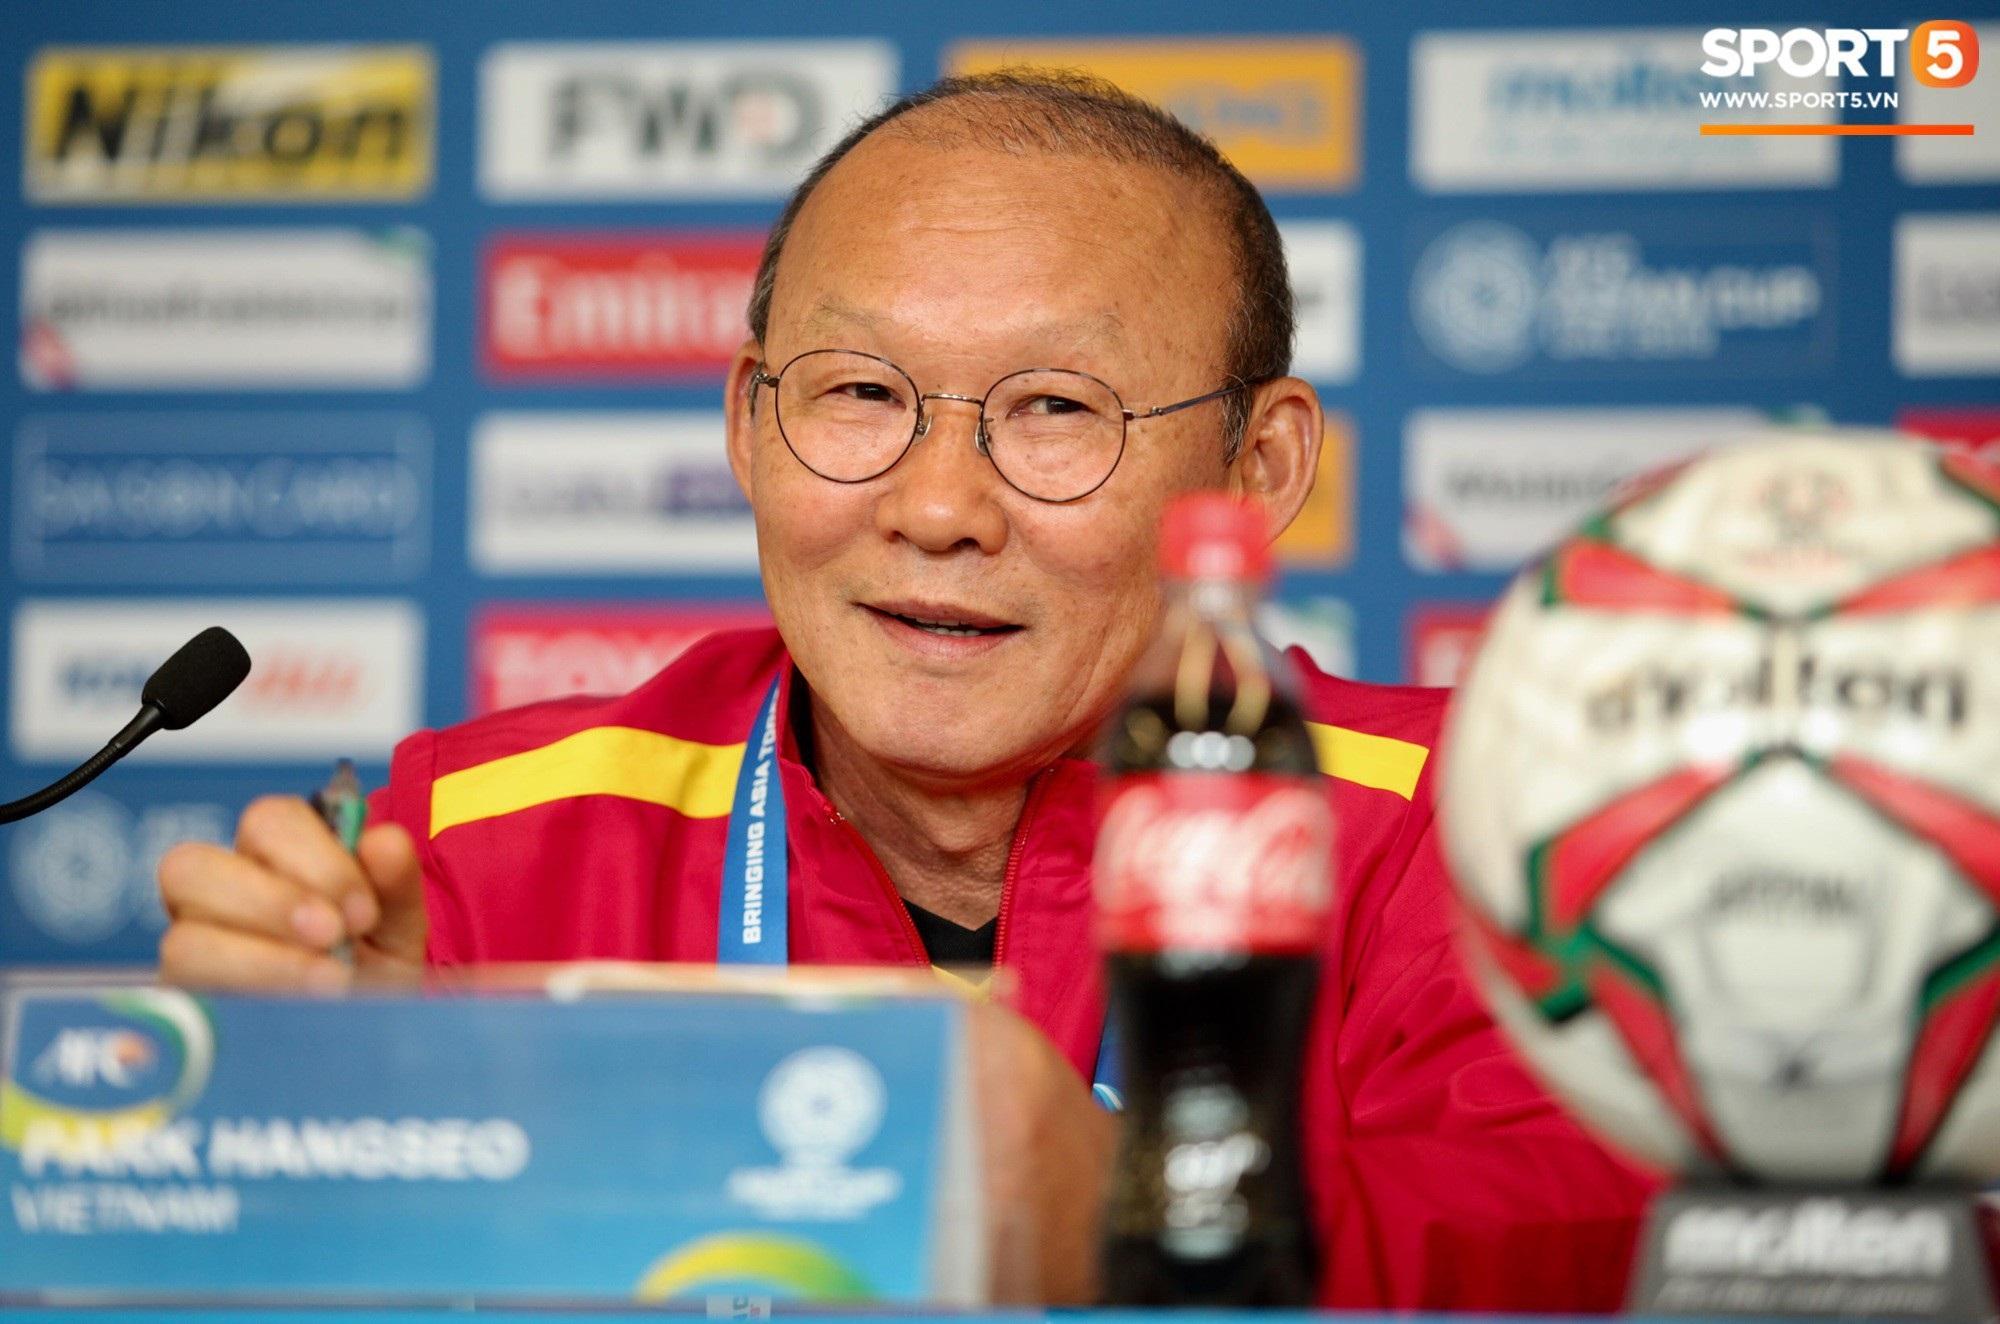 HLV Park Hang-seo: Quang Hải hứa với tôi sẽ ghi bàn và đã thực hiện được - Ảnh 1